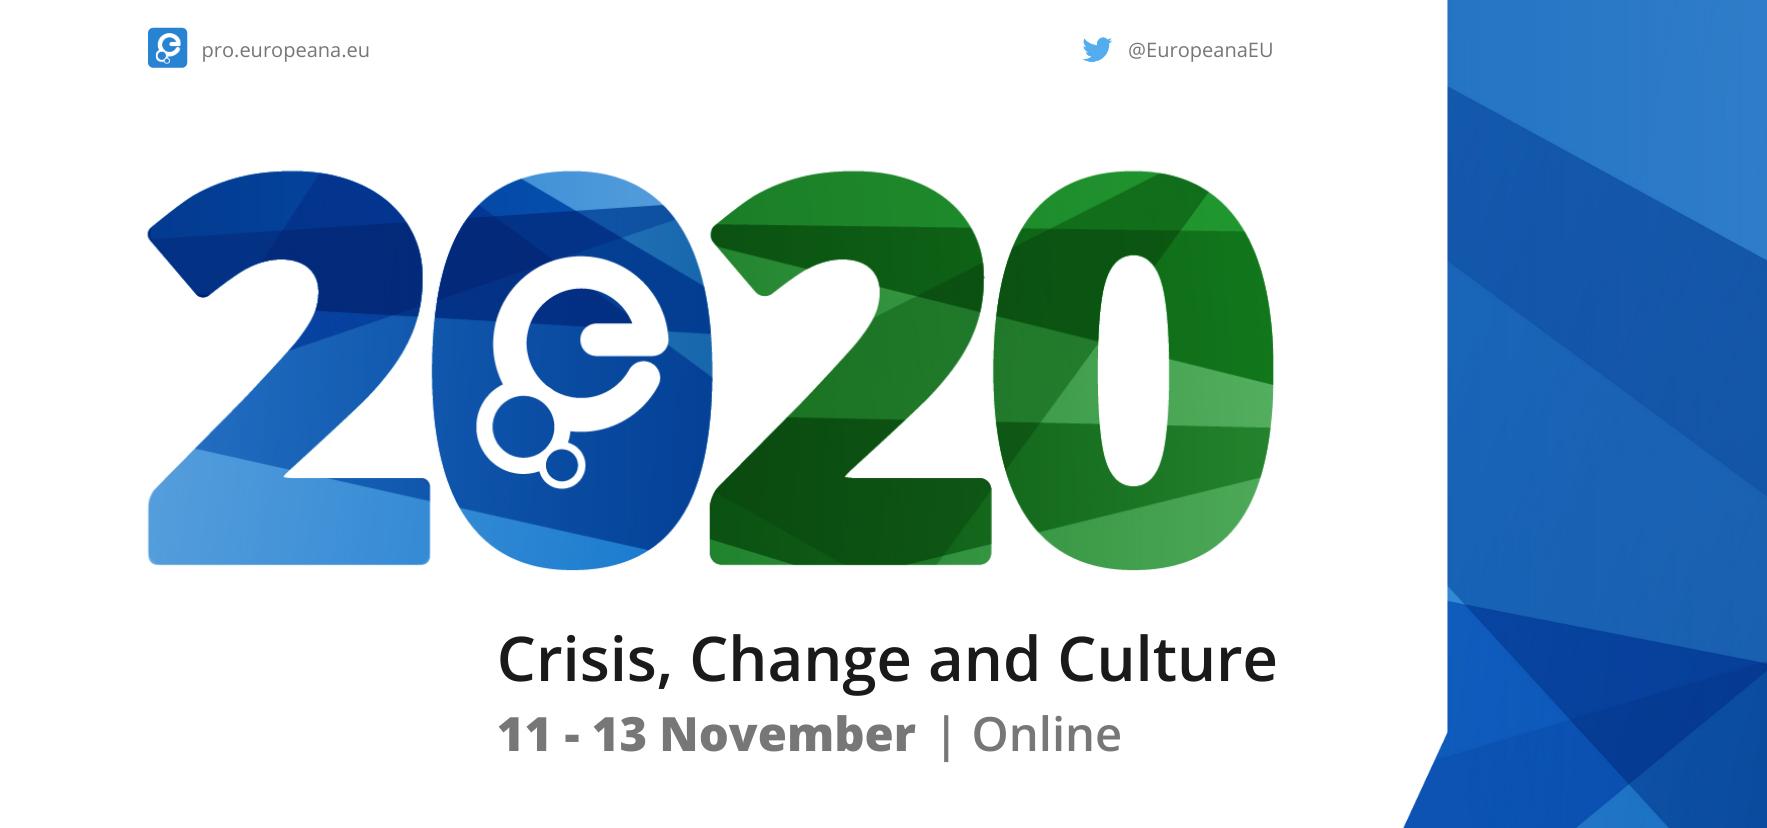 Europeana Blog Image